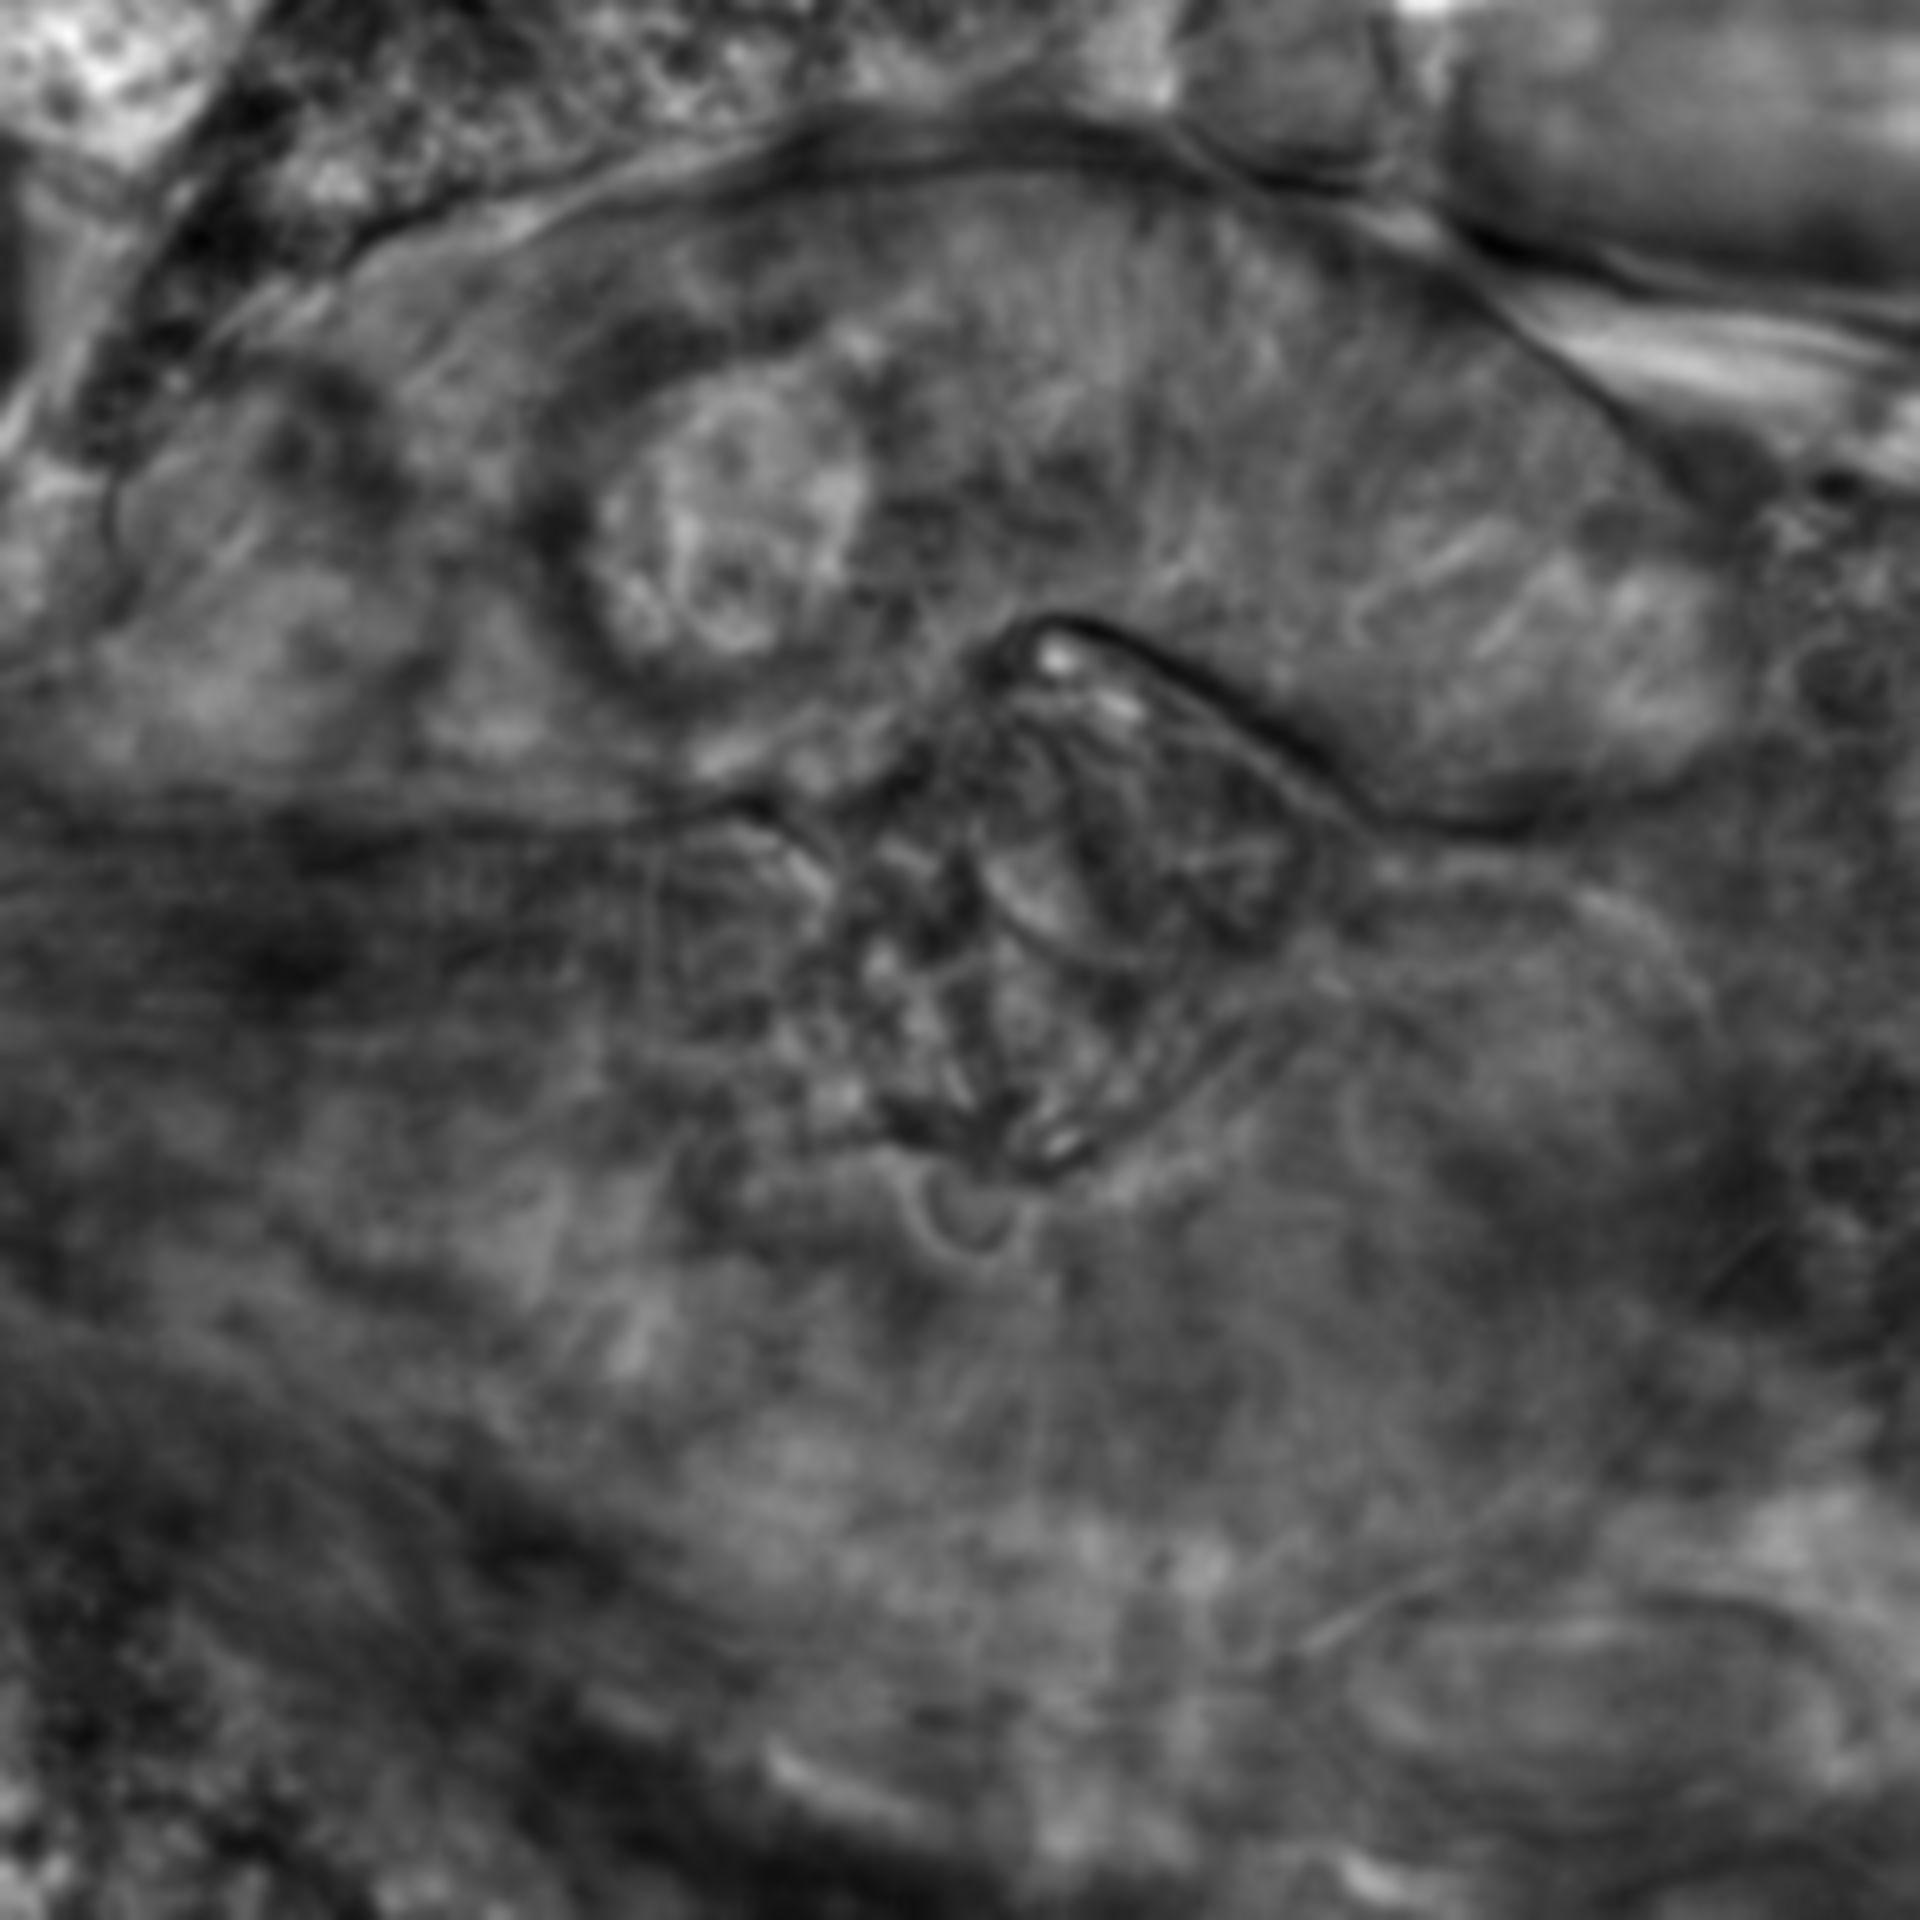 Caenorhabditis elegans - CIL:2702